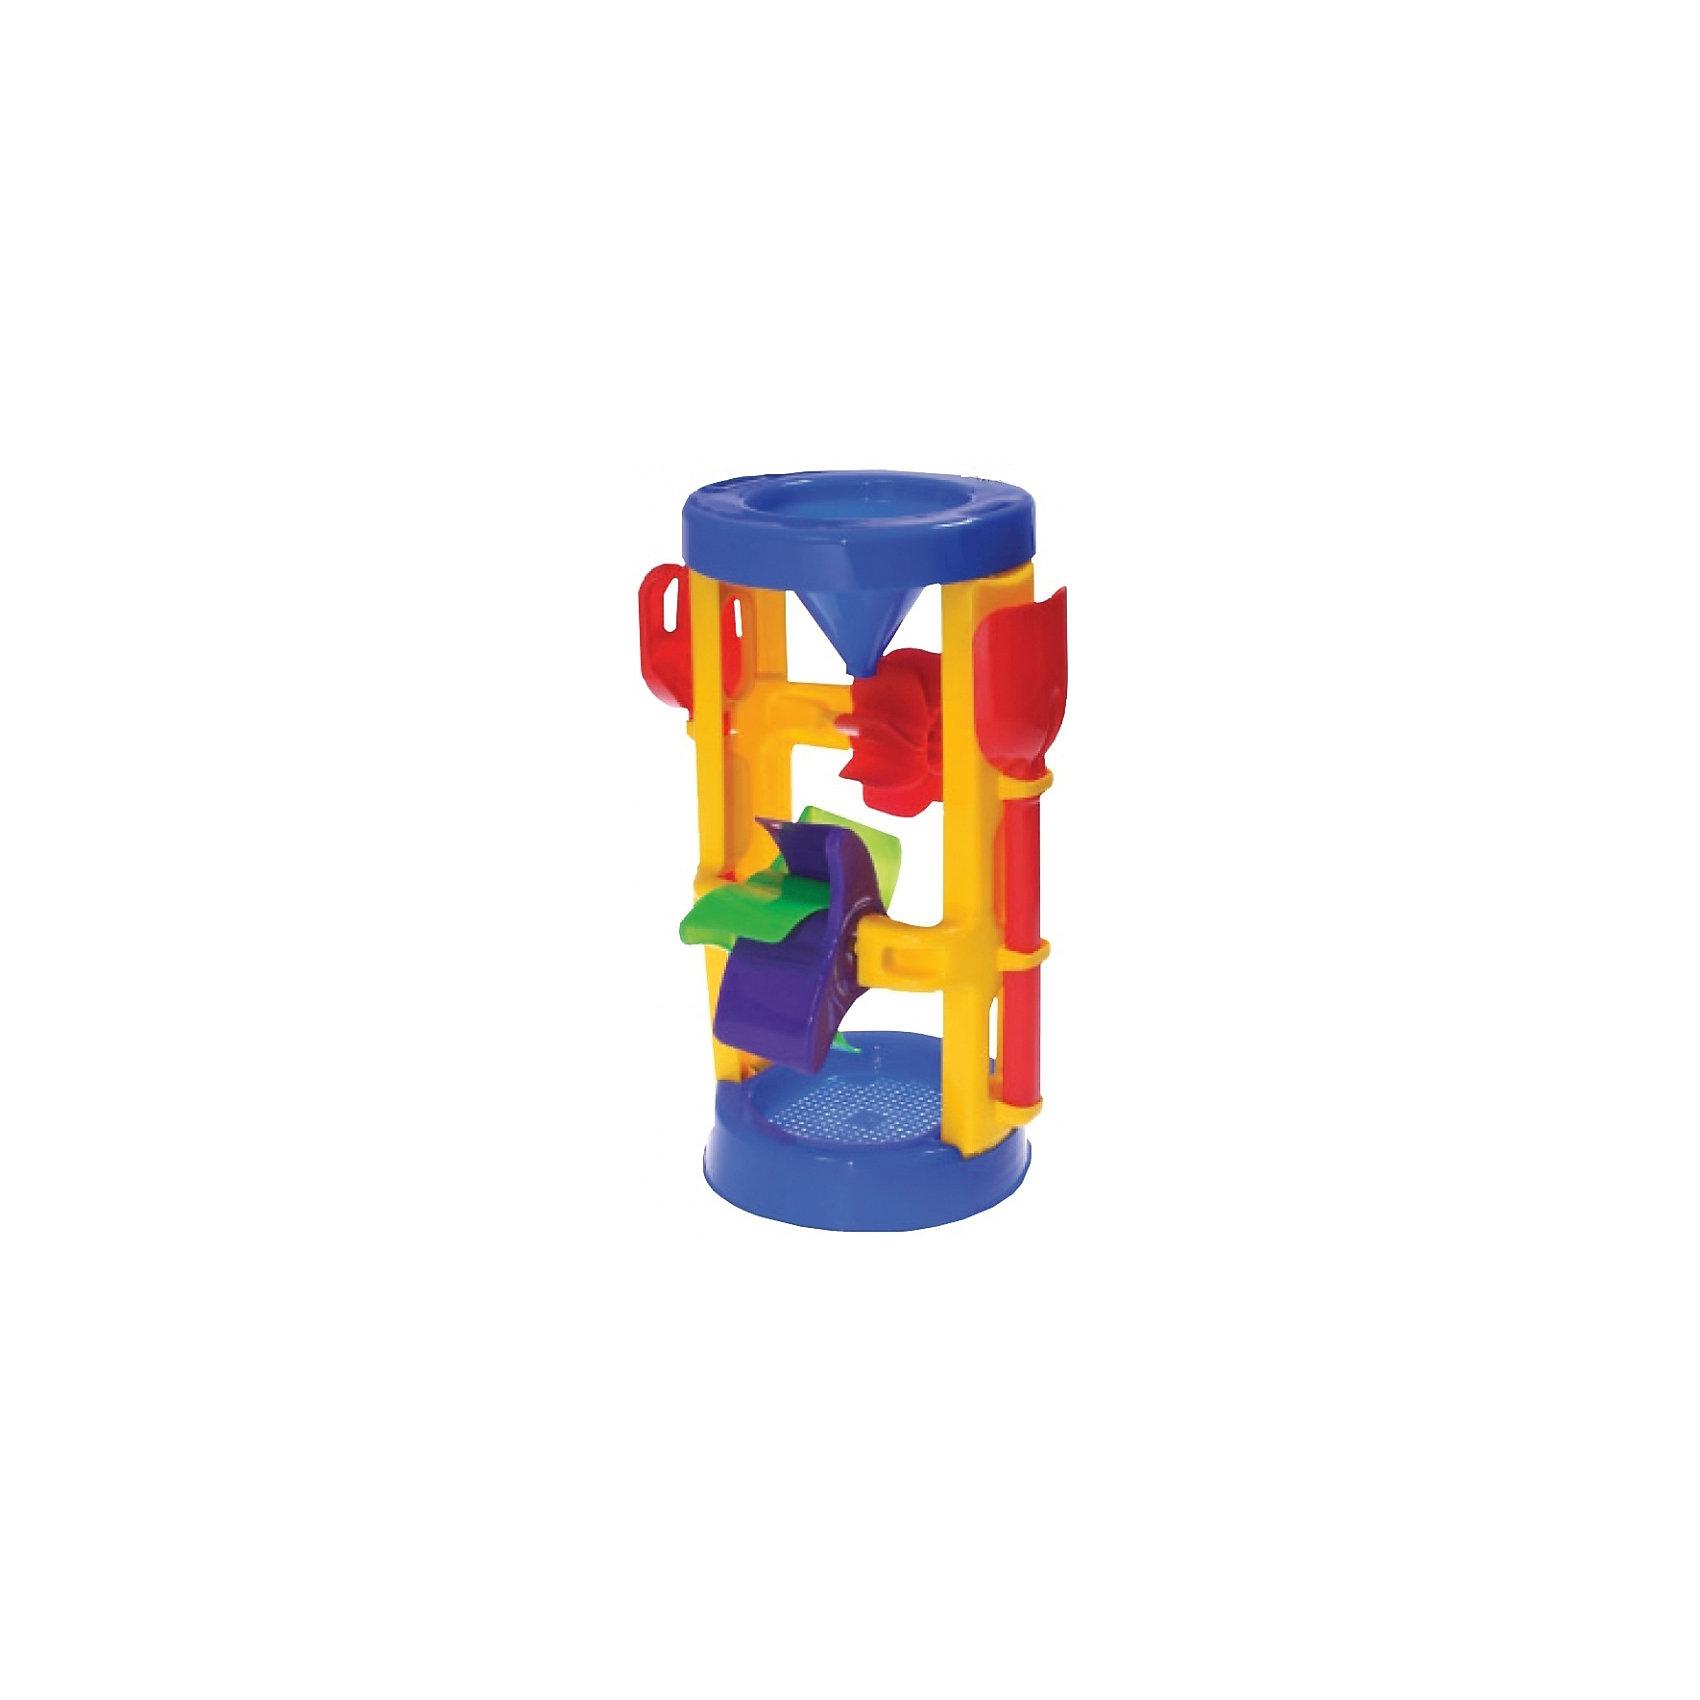 ALTACTO Мельница, 19 см, ALTACTO игрушка altacto малыш динозавр 60ml alt0401 102